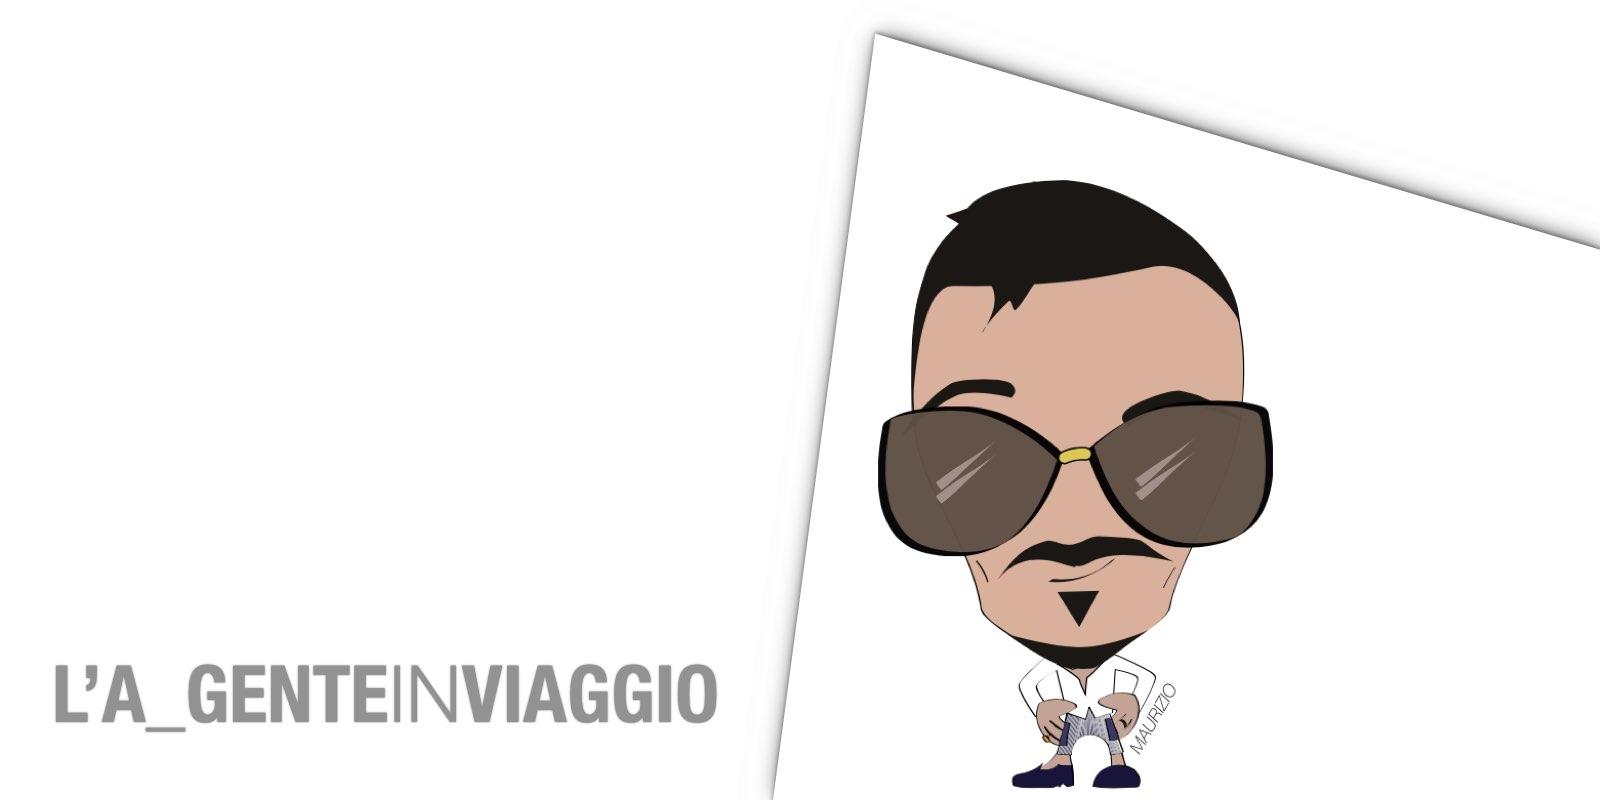 l'a_genteinviaggio-MaurizioFerro